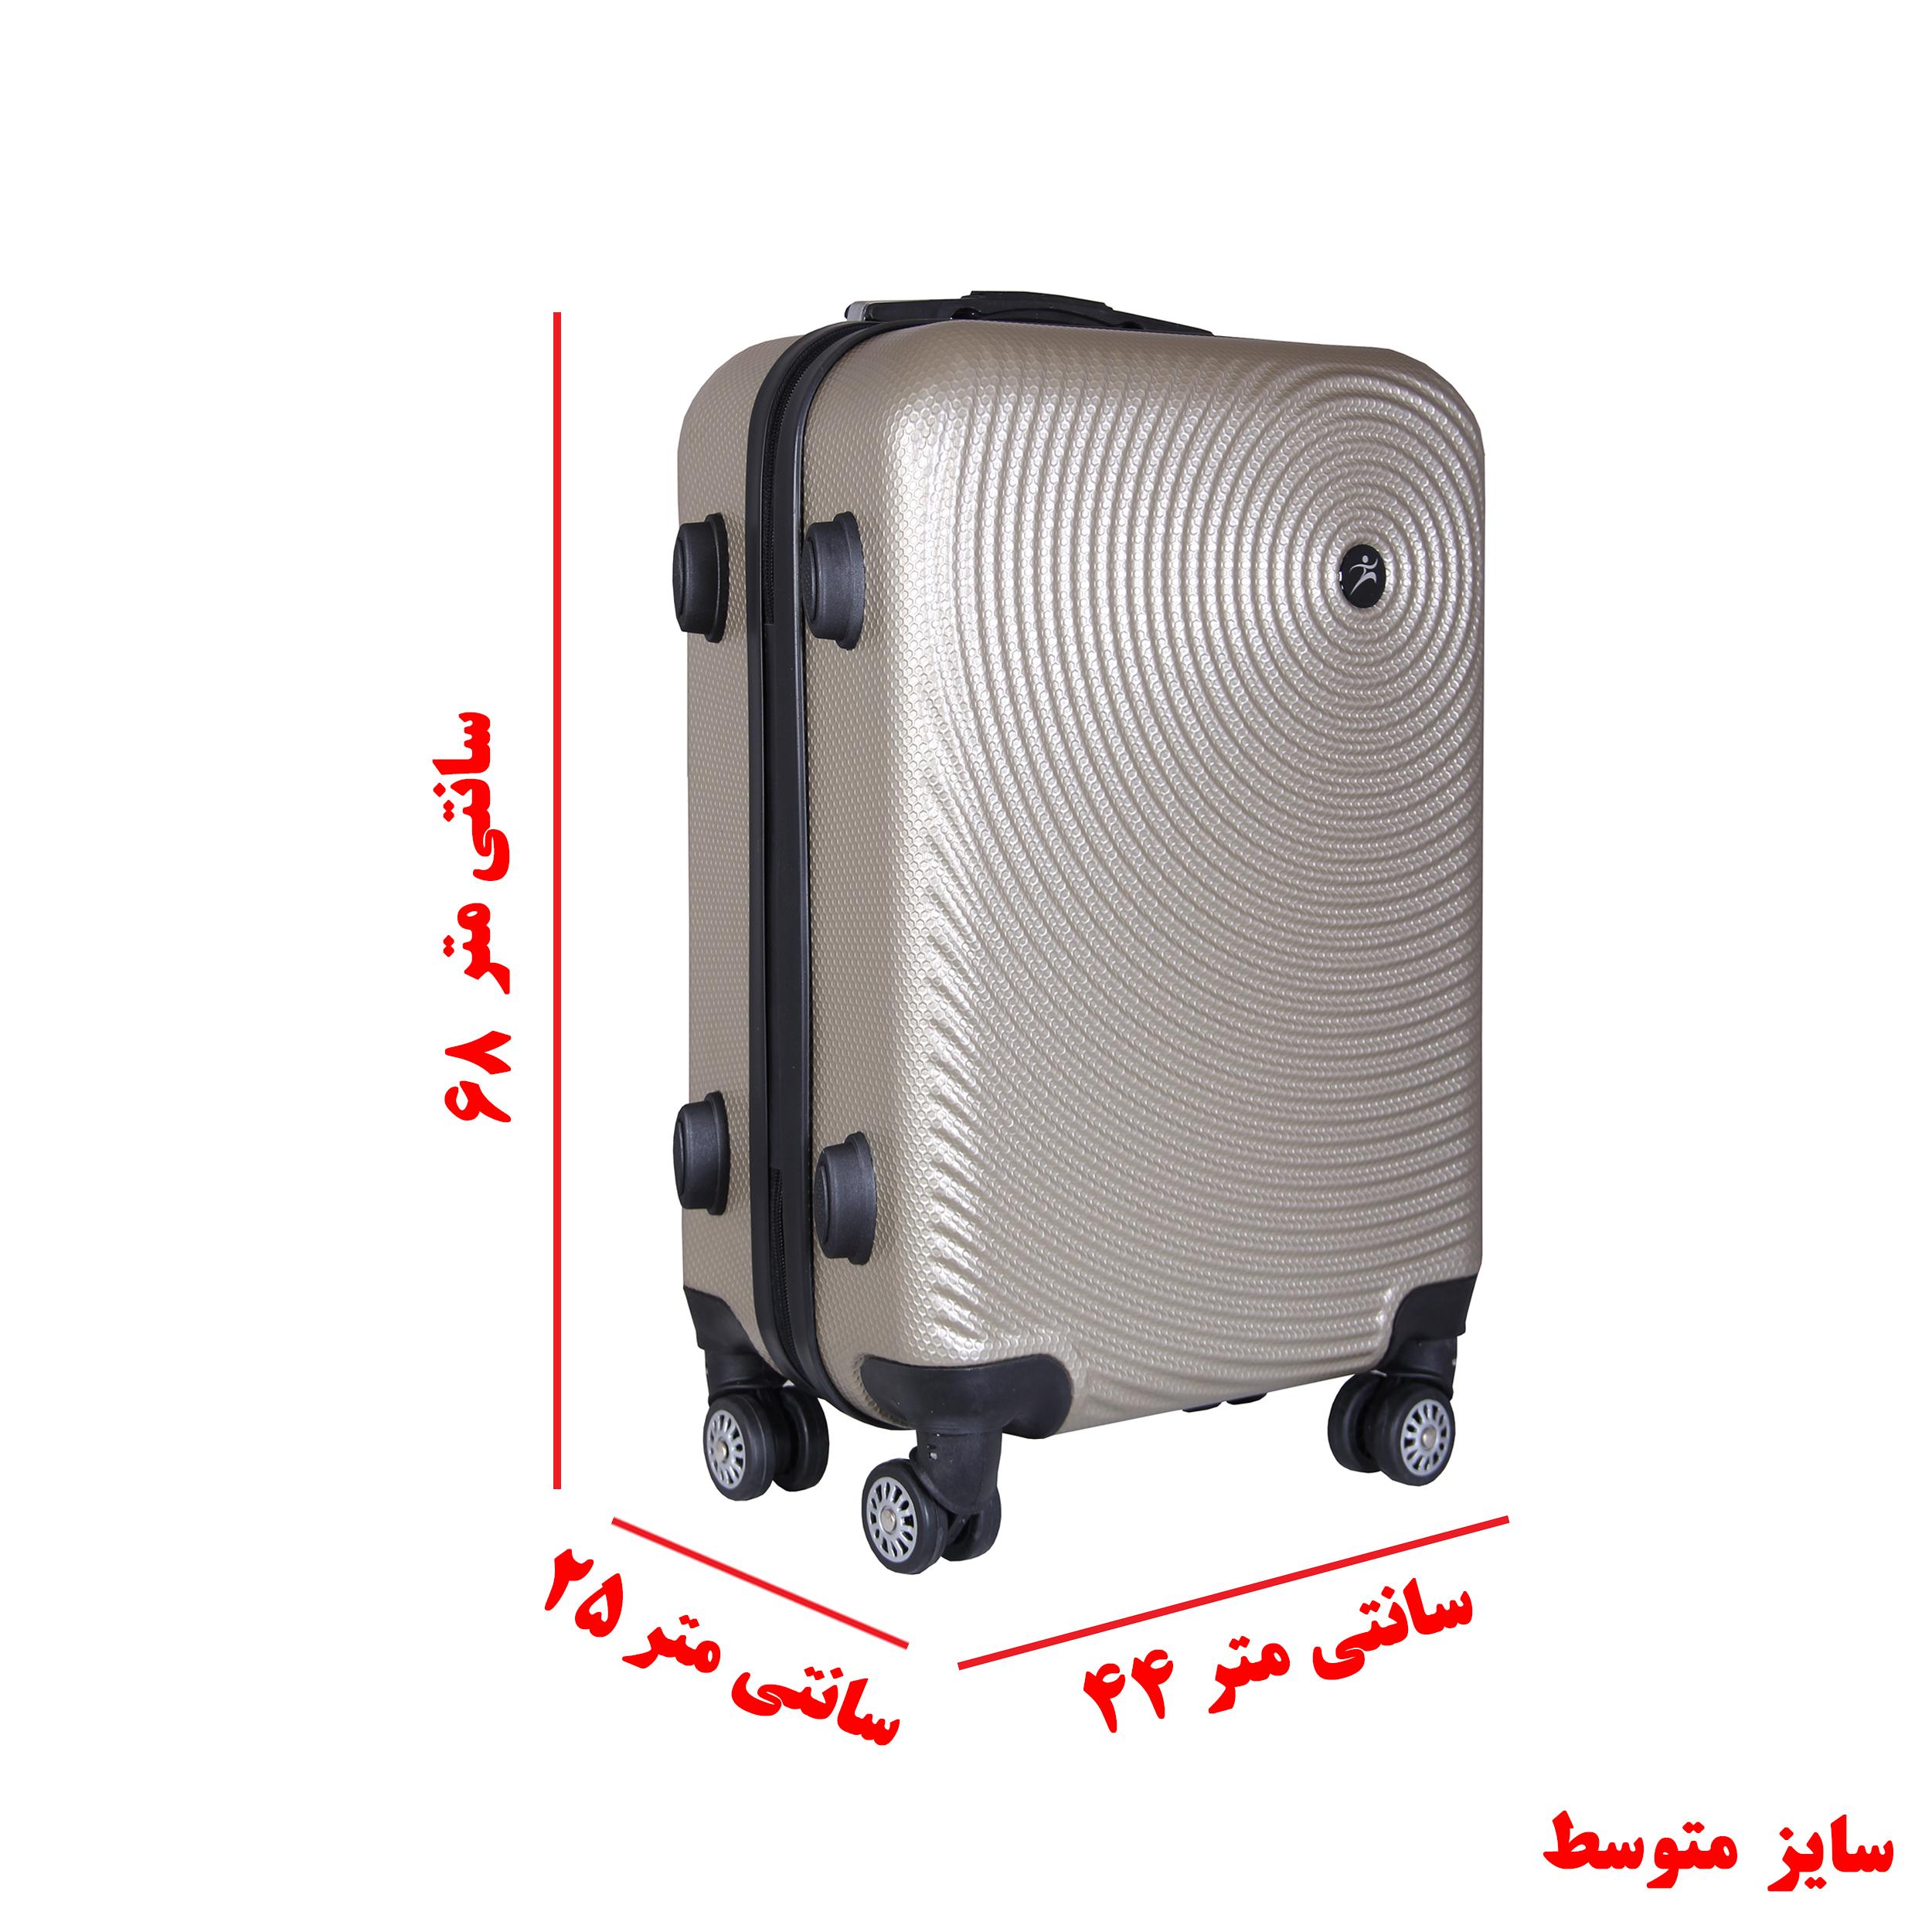 مجموعه چهار عددی چمدان اسپرت من مدل NS001 main 1 16